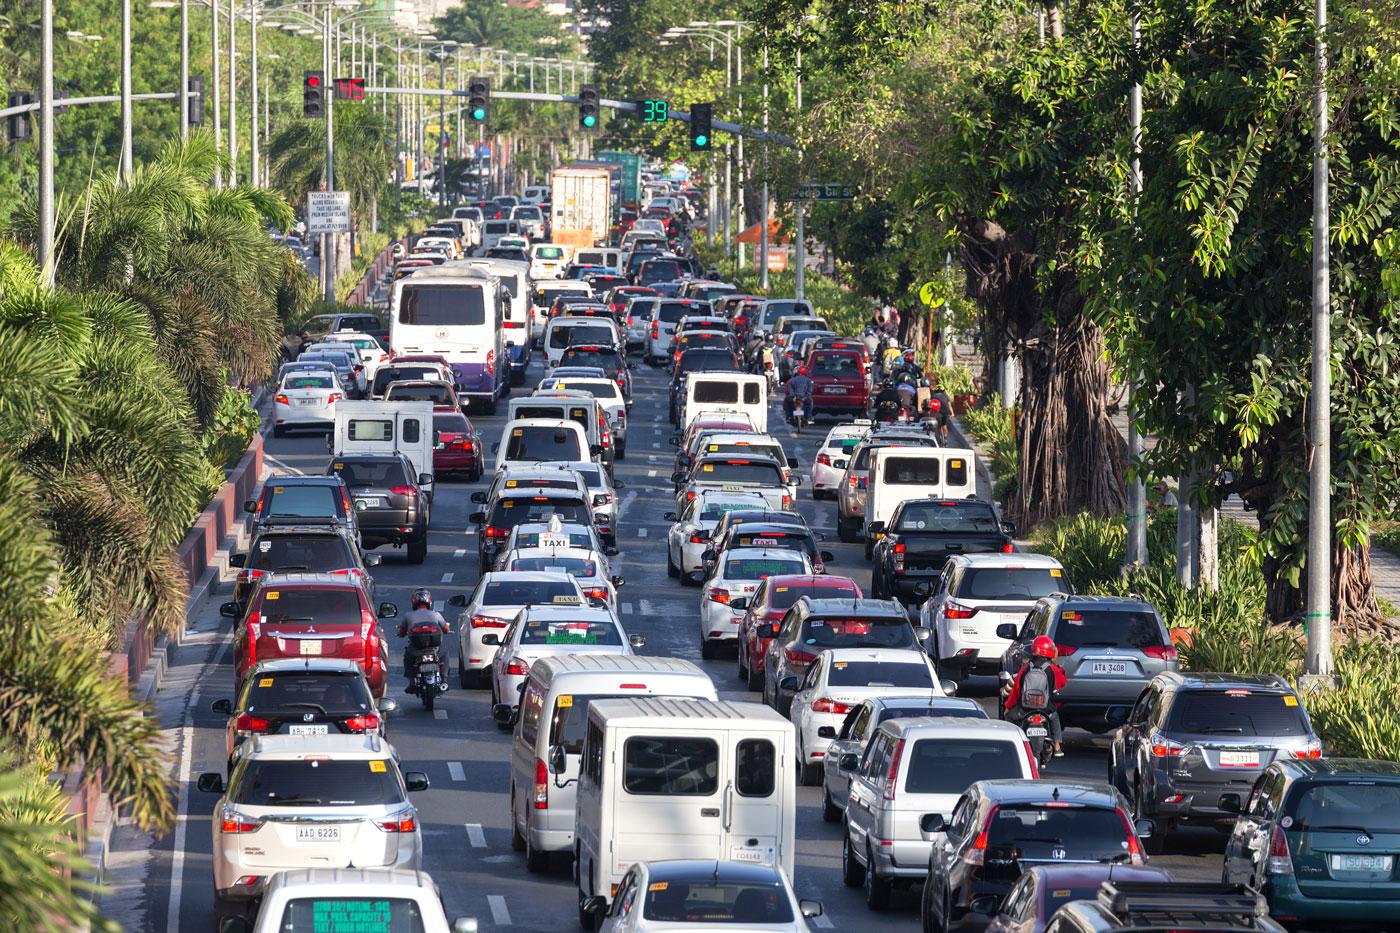 https://cdn2.hubspot.net/hubfs/347760/C_Blogs/philippines-road.jpg